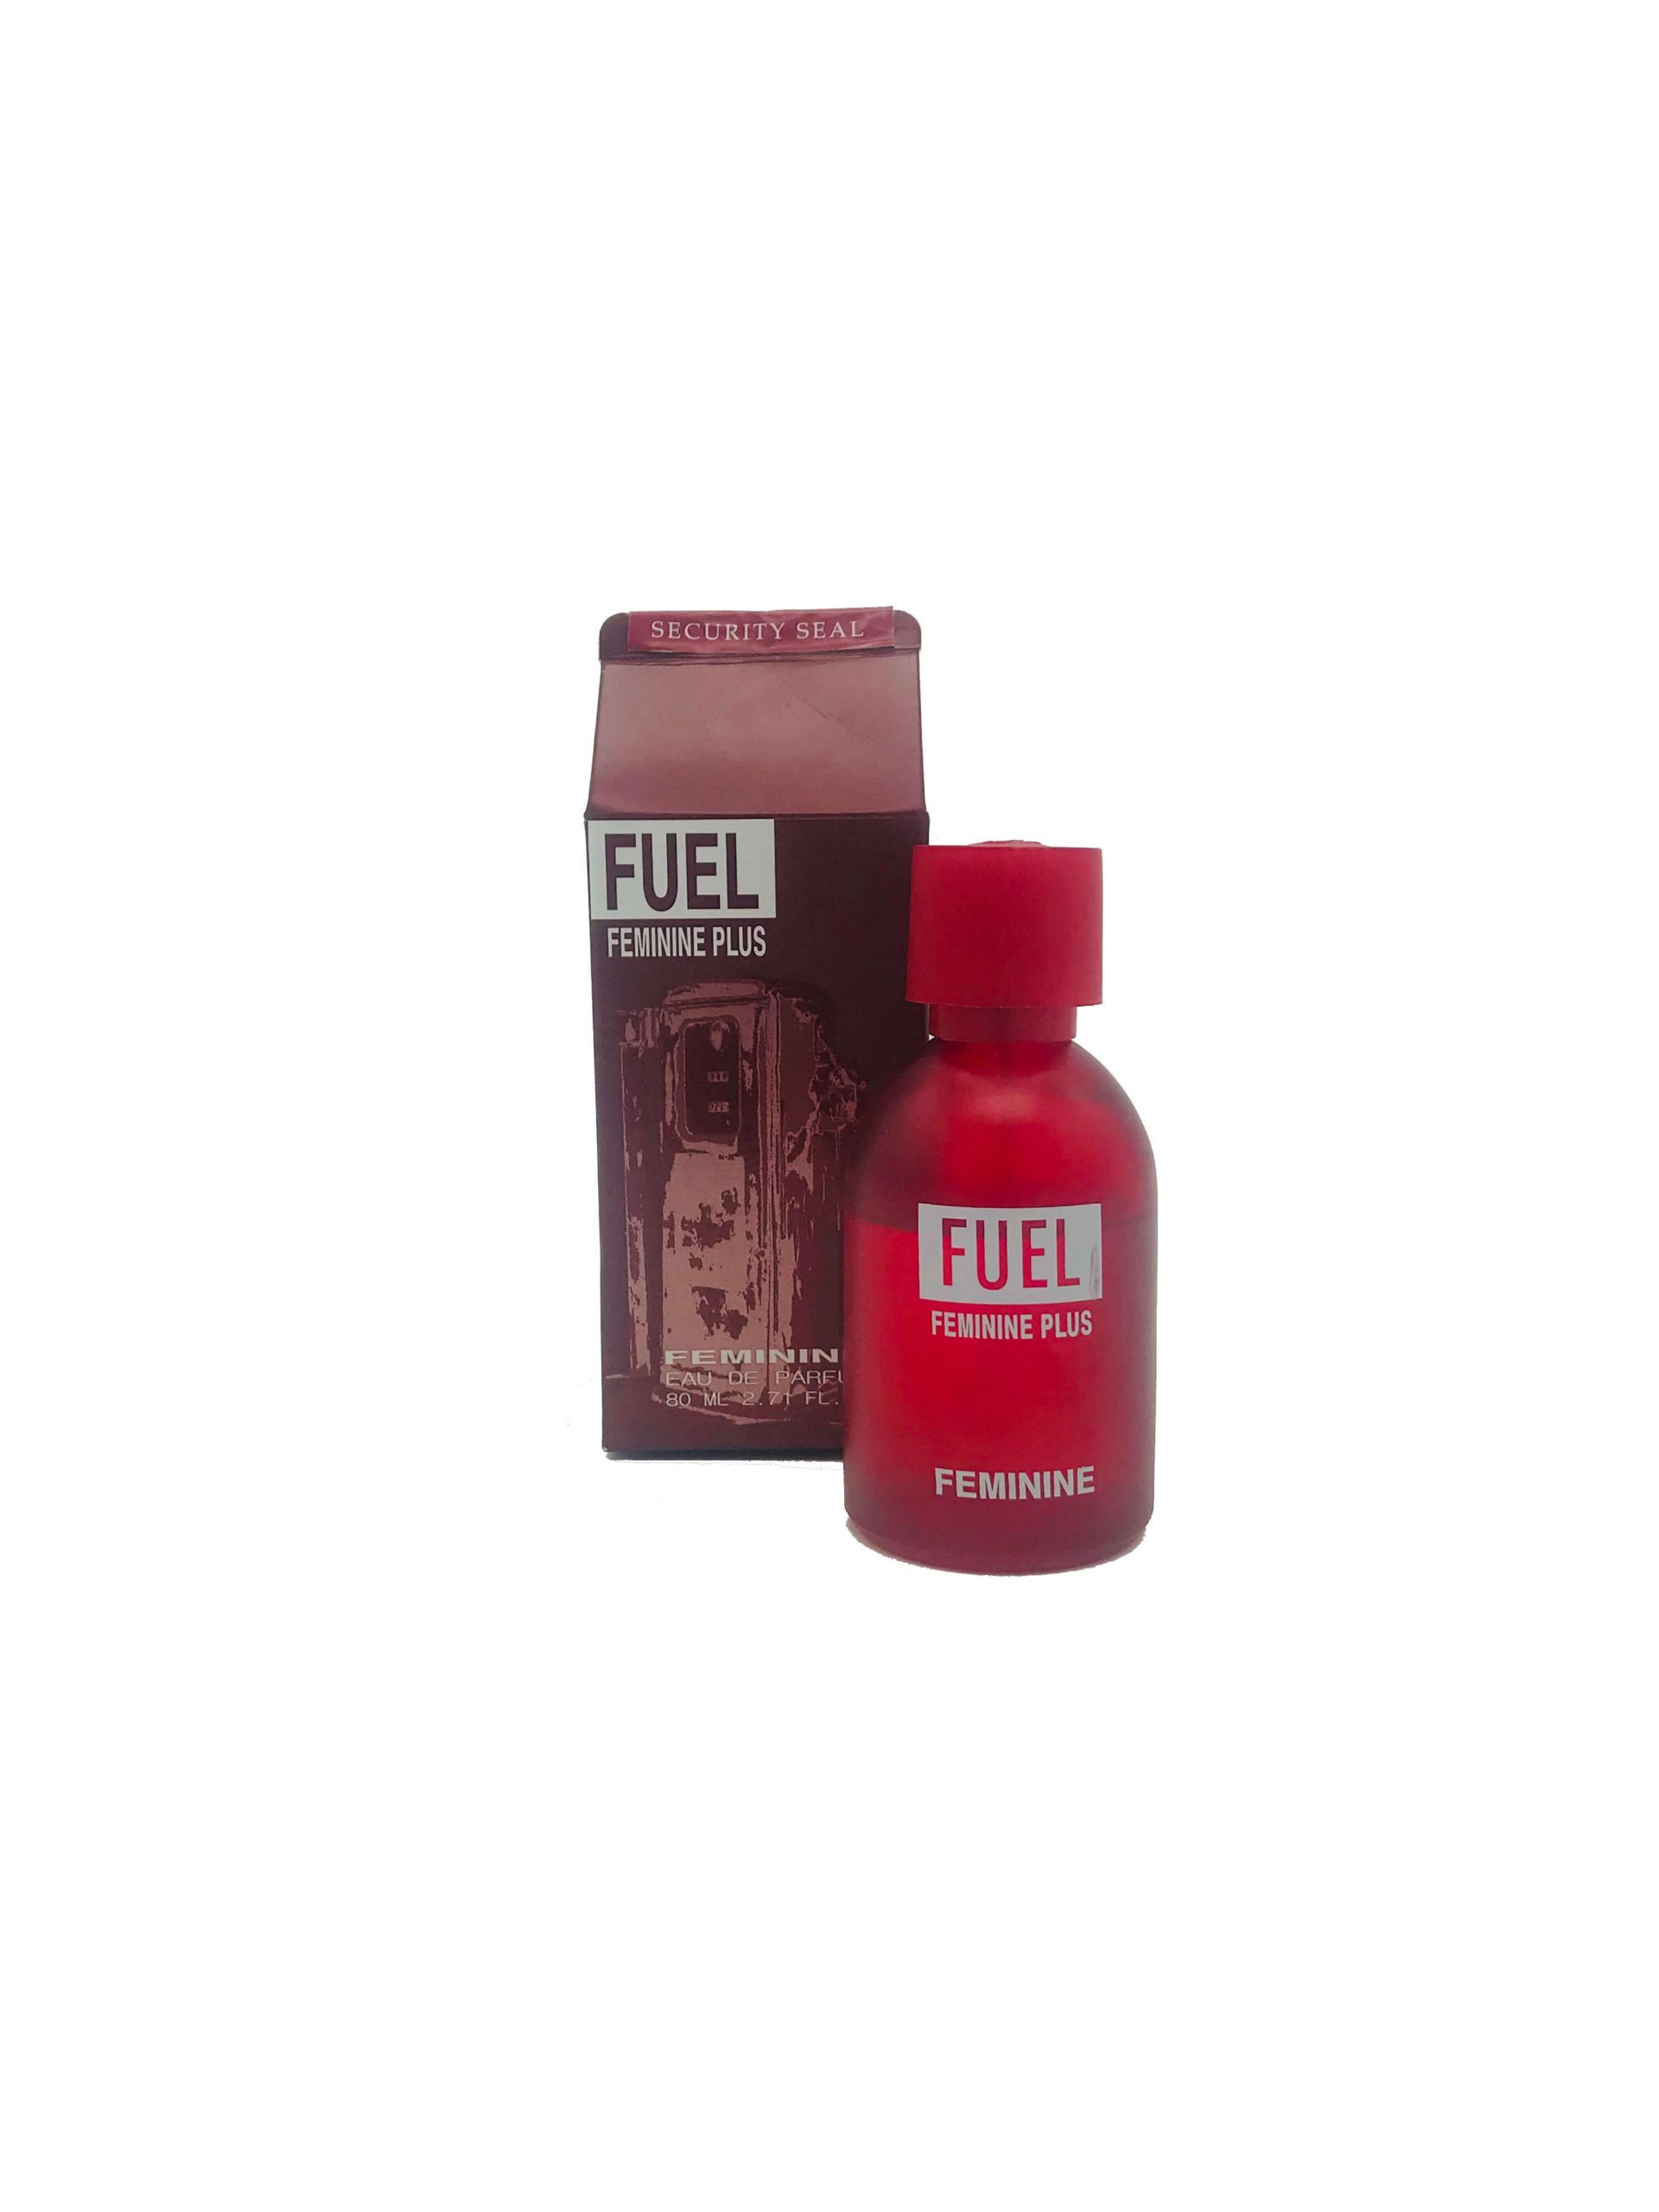 Fuel Feminine EDP 80ml Feminine Plus!